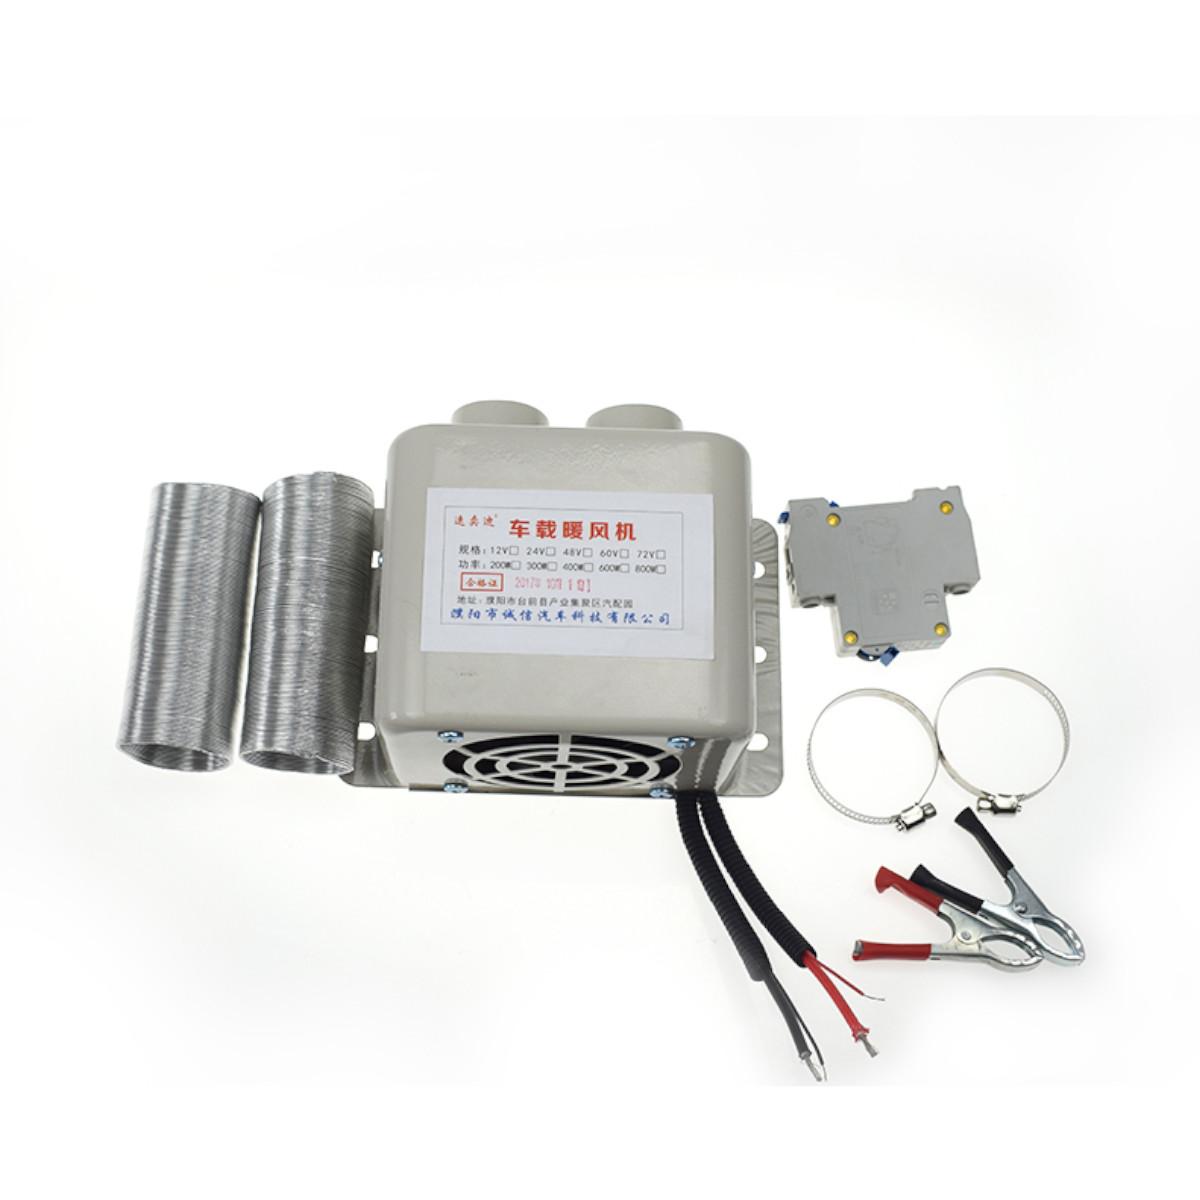 В 800 Вт Авто Нагреватель Вентилятор Портативный Электрический Нагревательs Автоматический Обогреватель Демистер